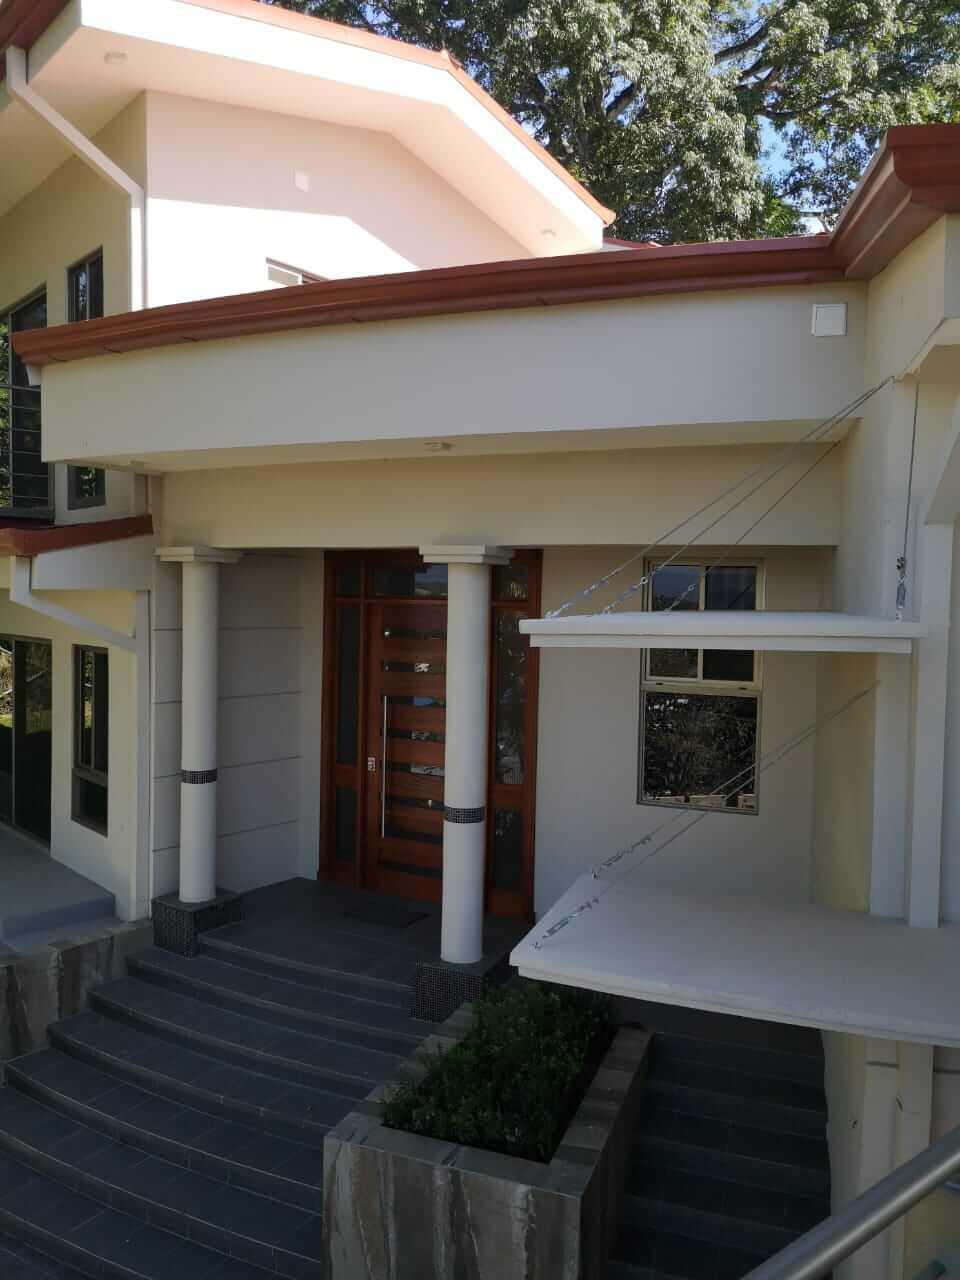 Venta de hermosa casa en Ciudad Colon-diseño contemporáneo